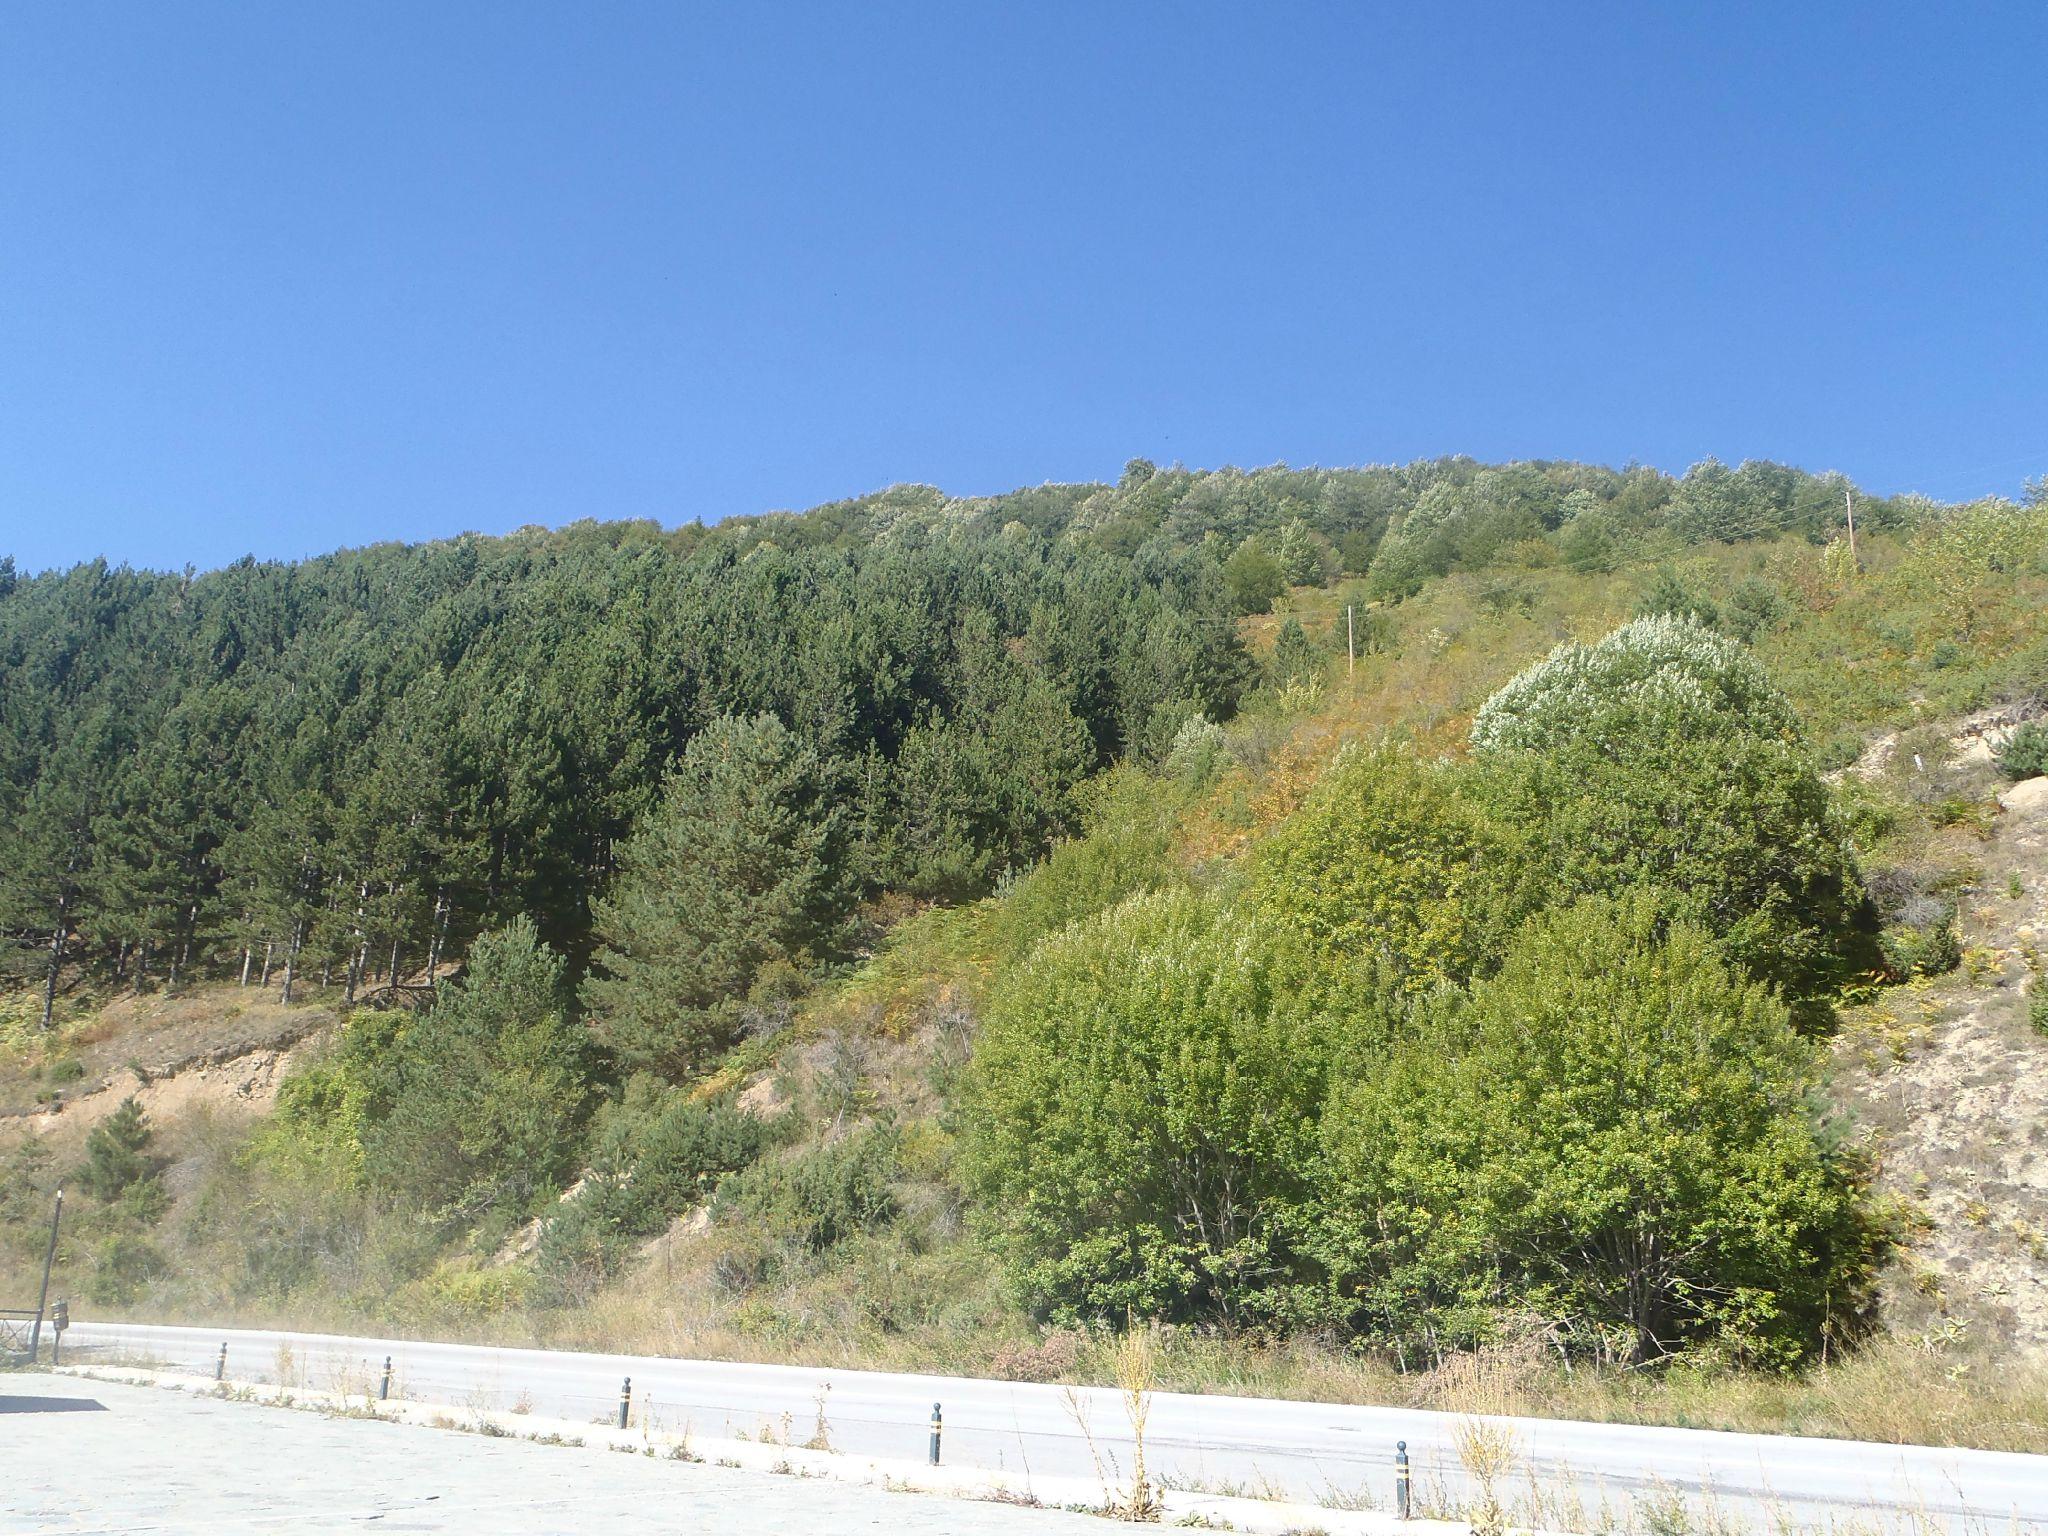 grèce proche macédoine route de montagne